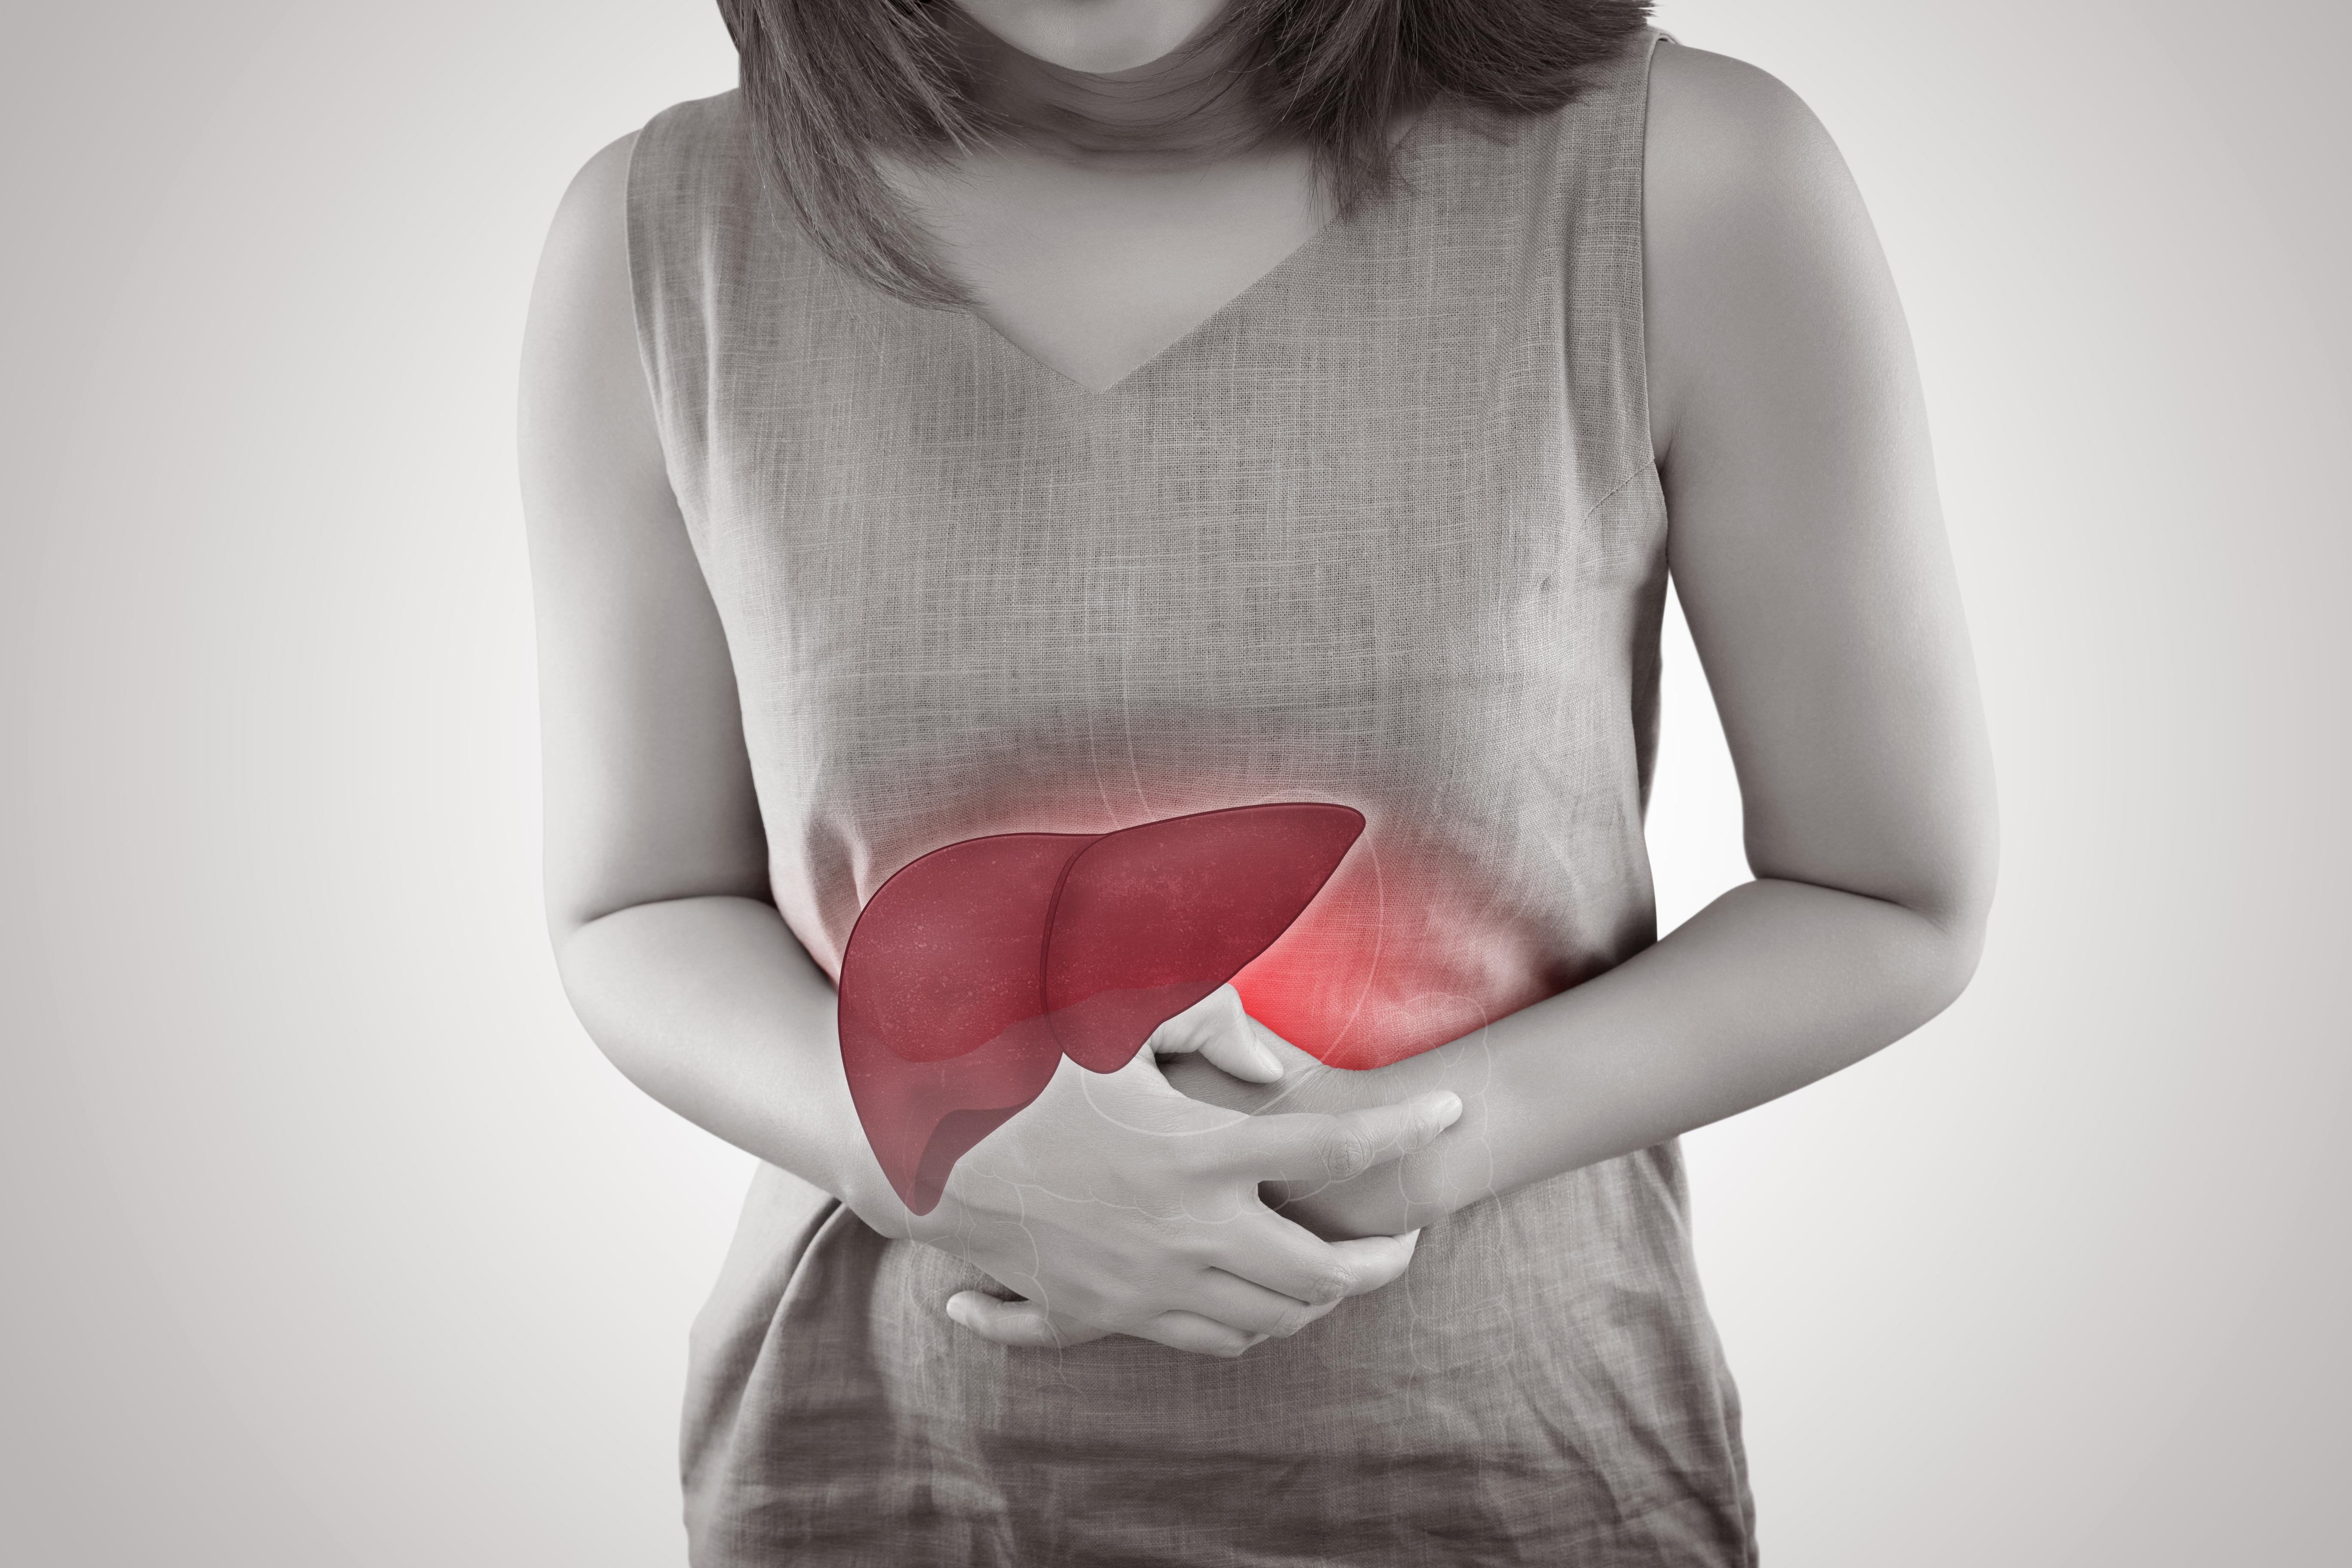 Living Well with Hepatitis: World Hepatitis Day